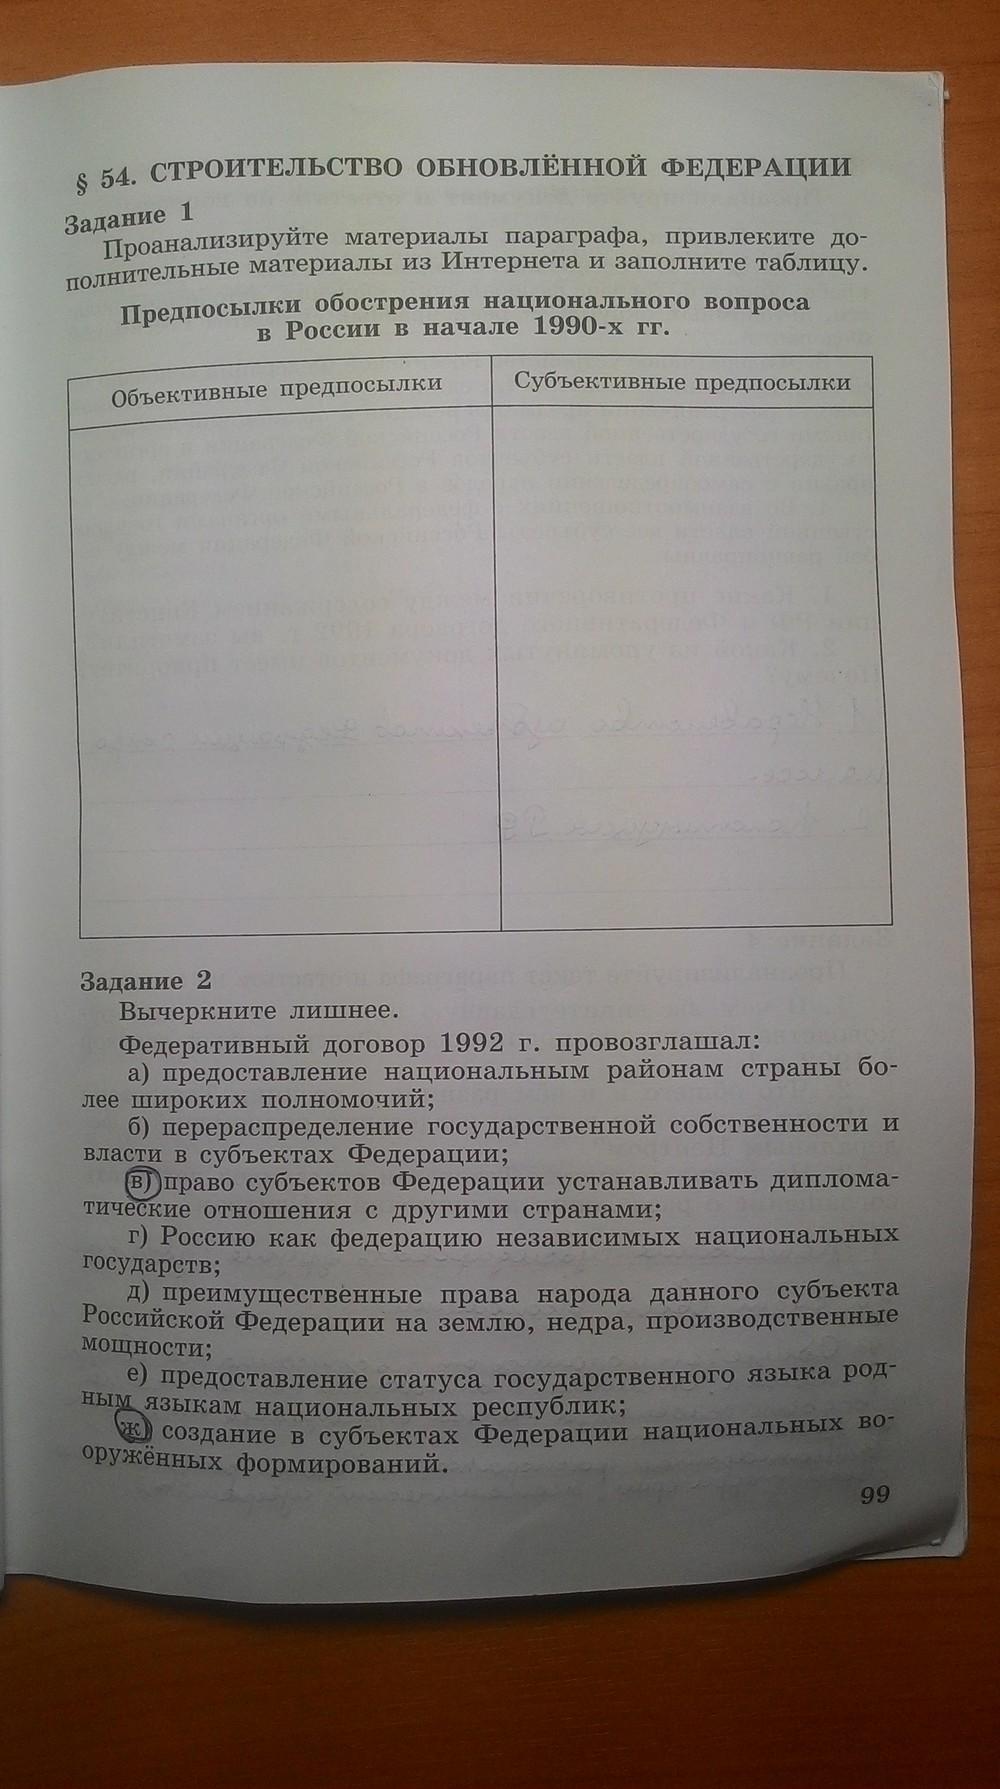 Задания класс 9 учебник гдз данилов косулина по истории